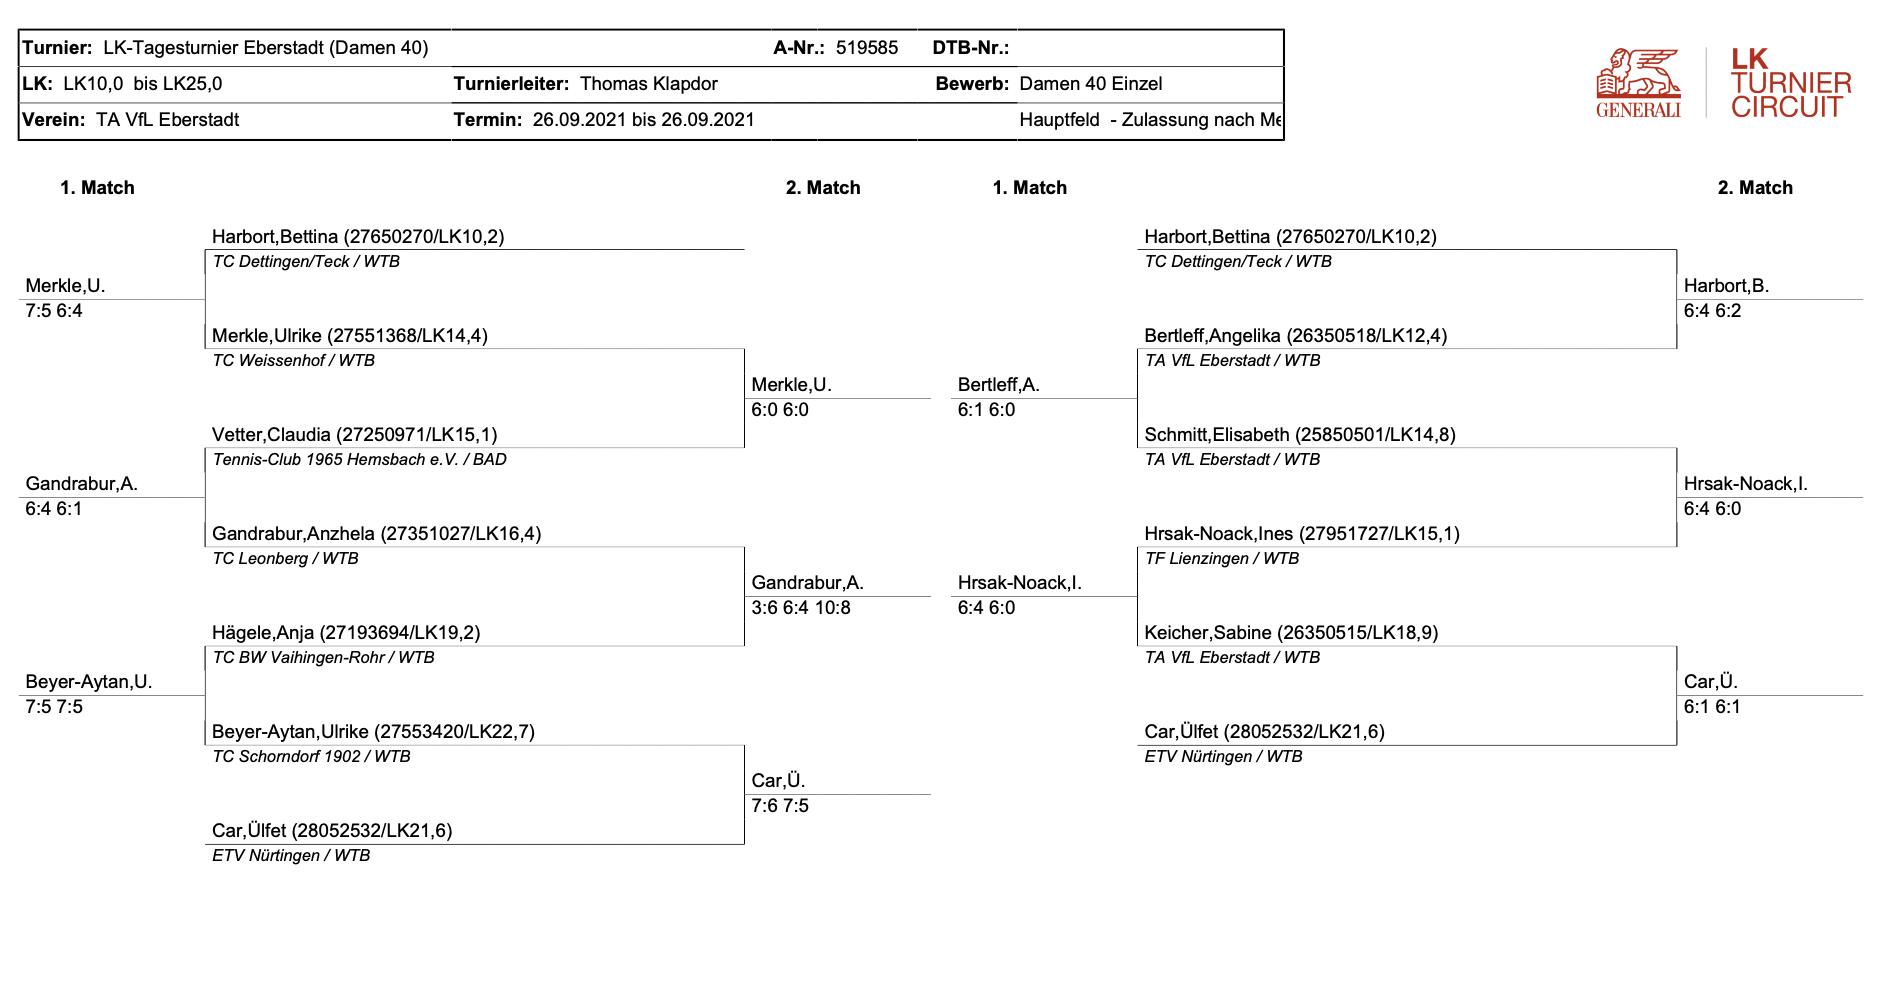 LK Turnier - Ergebnisse vom 26.09.2021